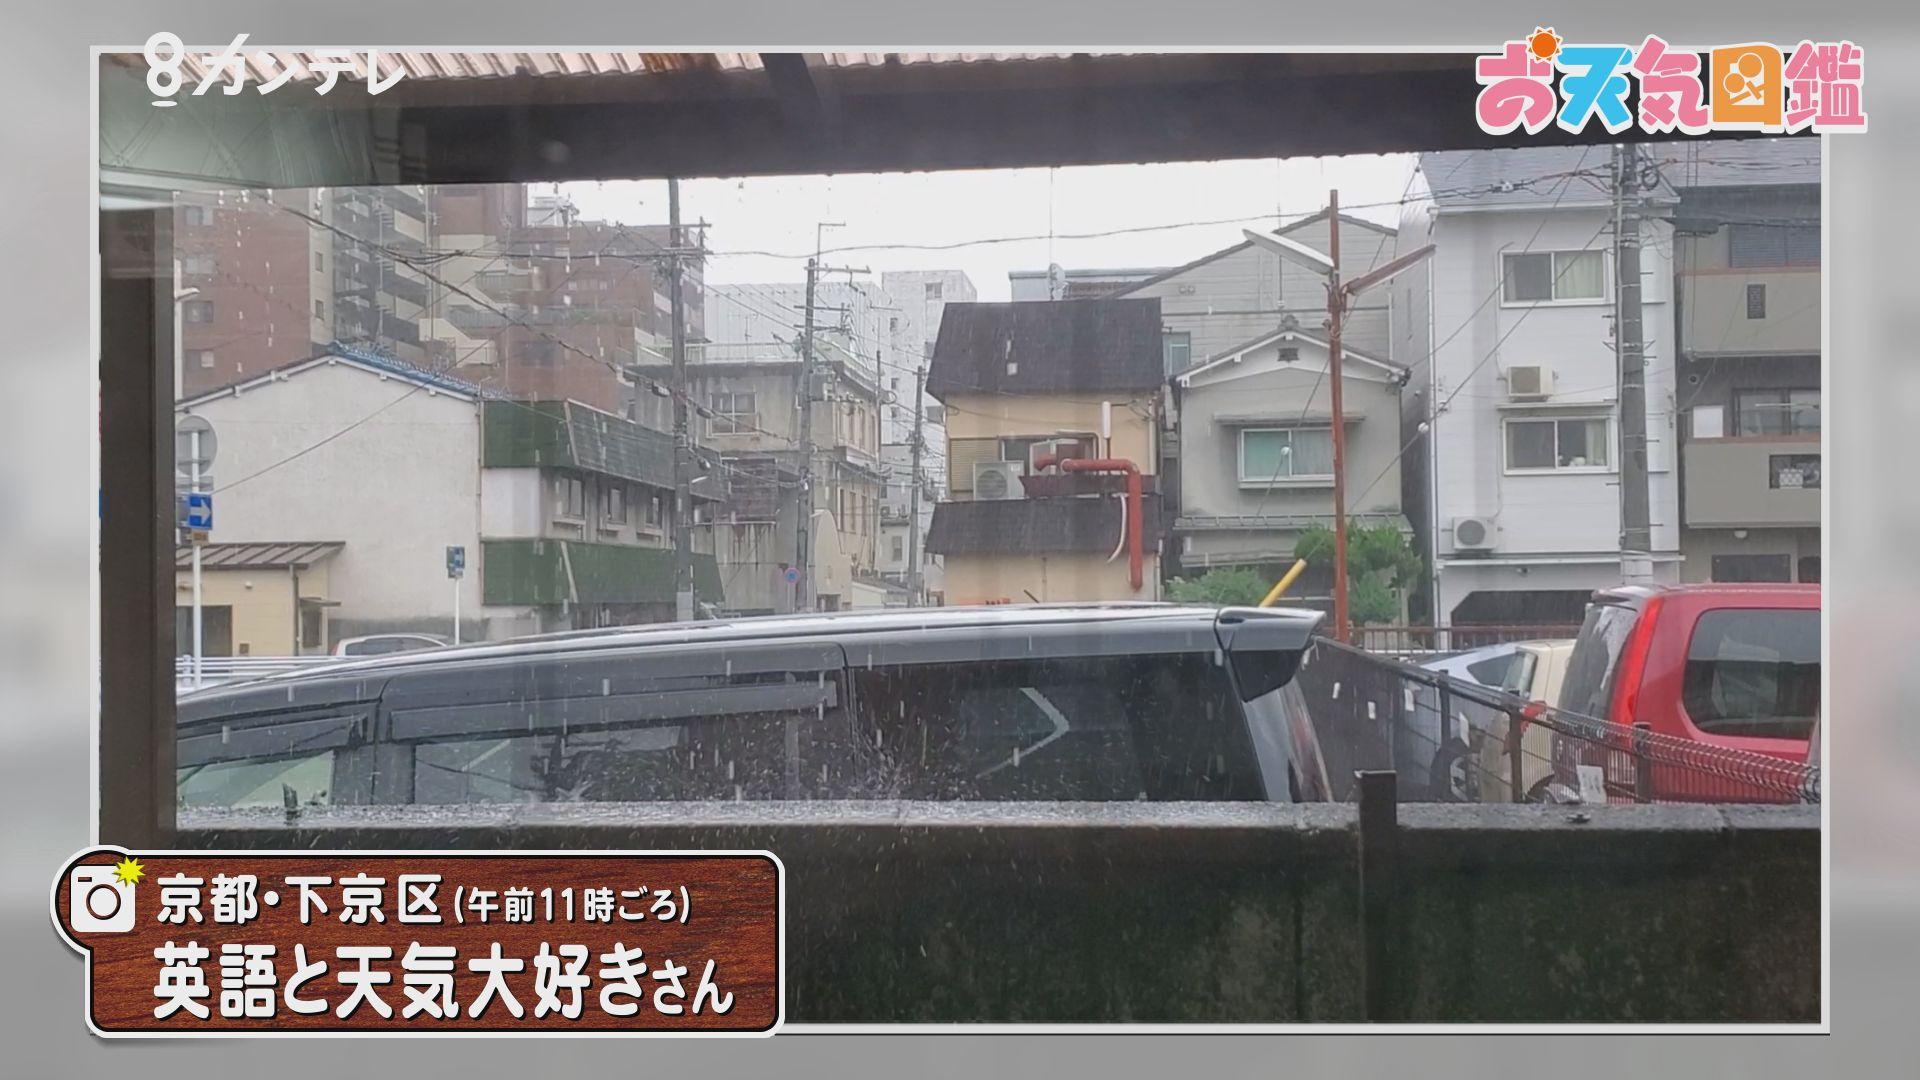 区 天気 伏見 京都府京都市伏見区